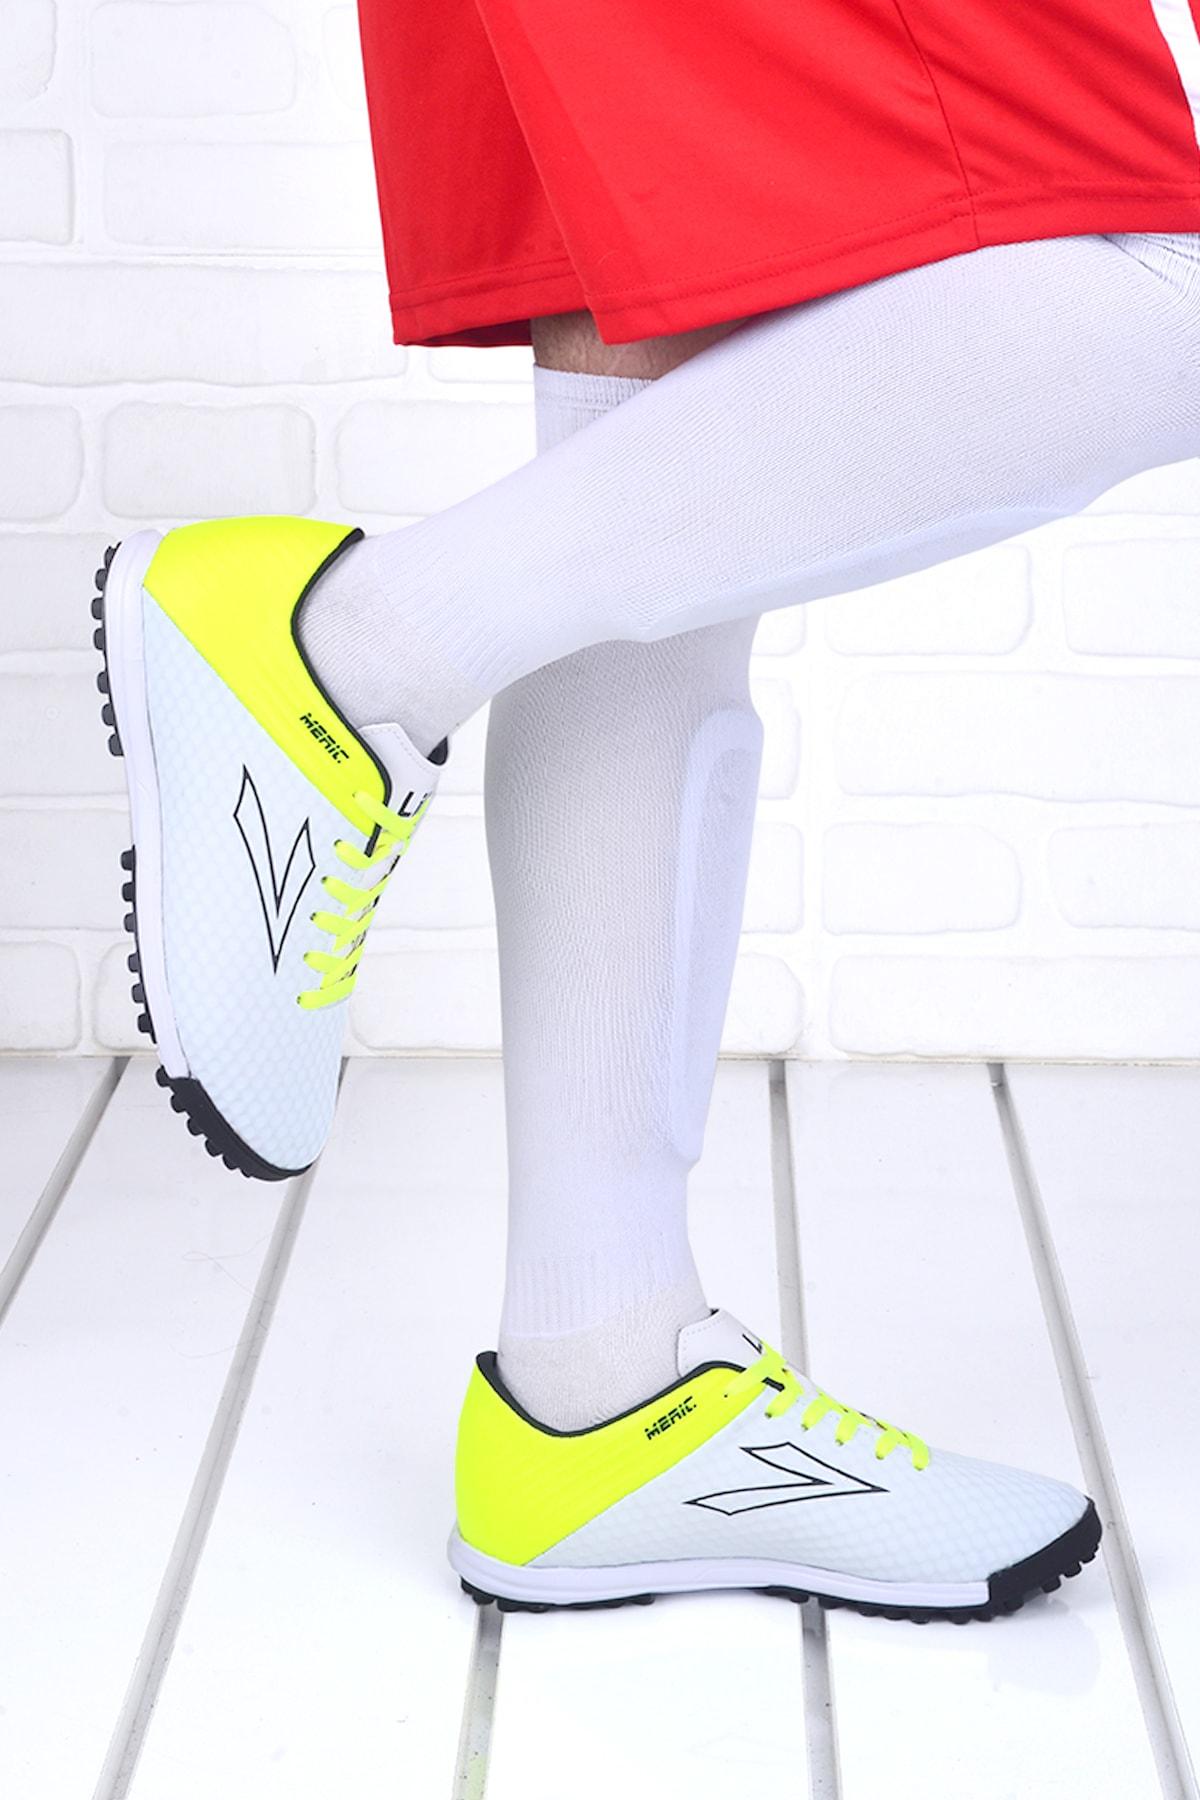 LIG Meriç Hm Halı Saha Erkek Spor Futbol Ayakkabısı 2